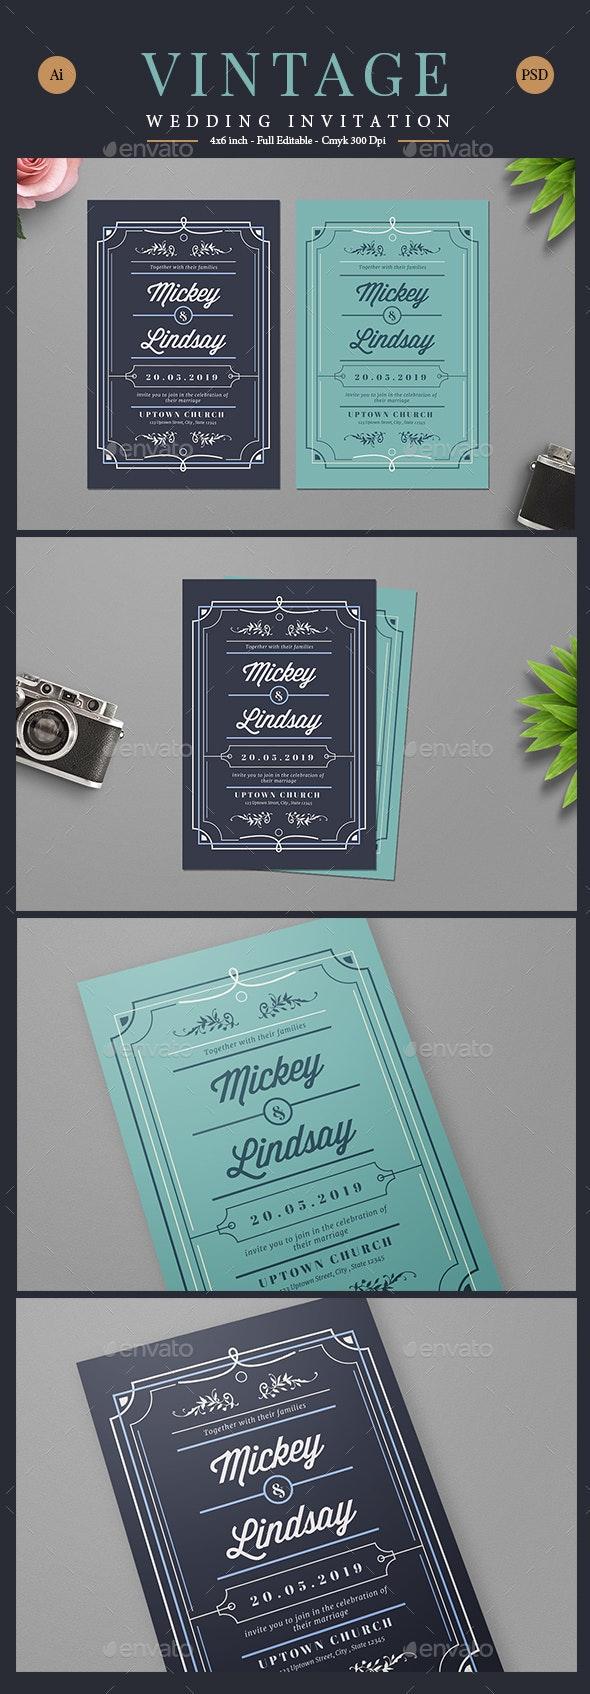 Vintage Wedding Card/Invitation - Weddings Cards & Invites